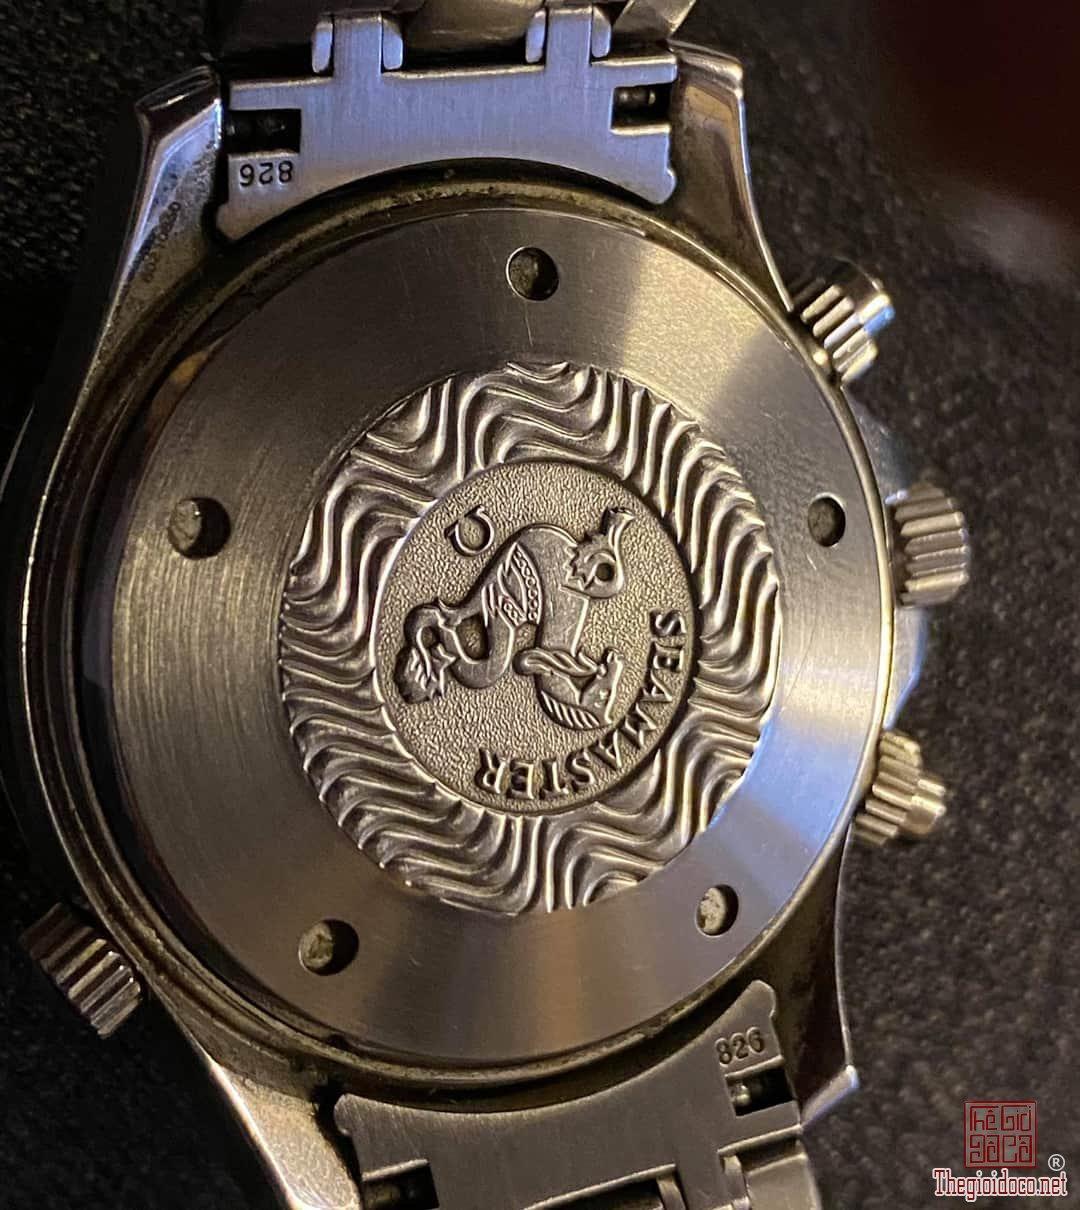 Đồng hồ tự động OMEGA SEAMASTER DRIVER CHRONOGRAPH 300M Thụy Sỹ